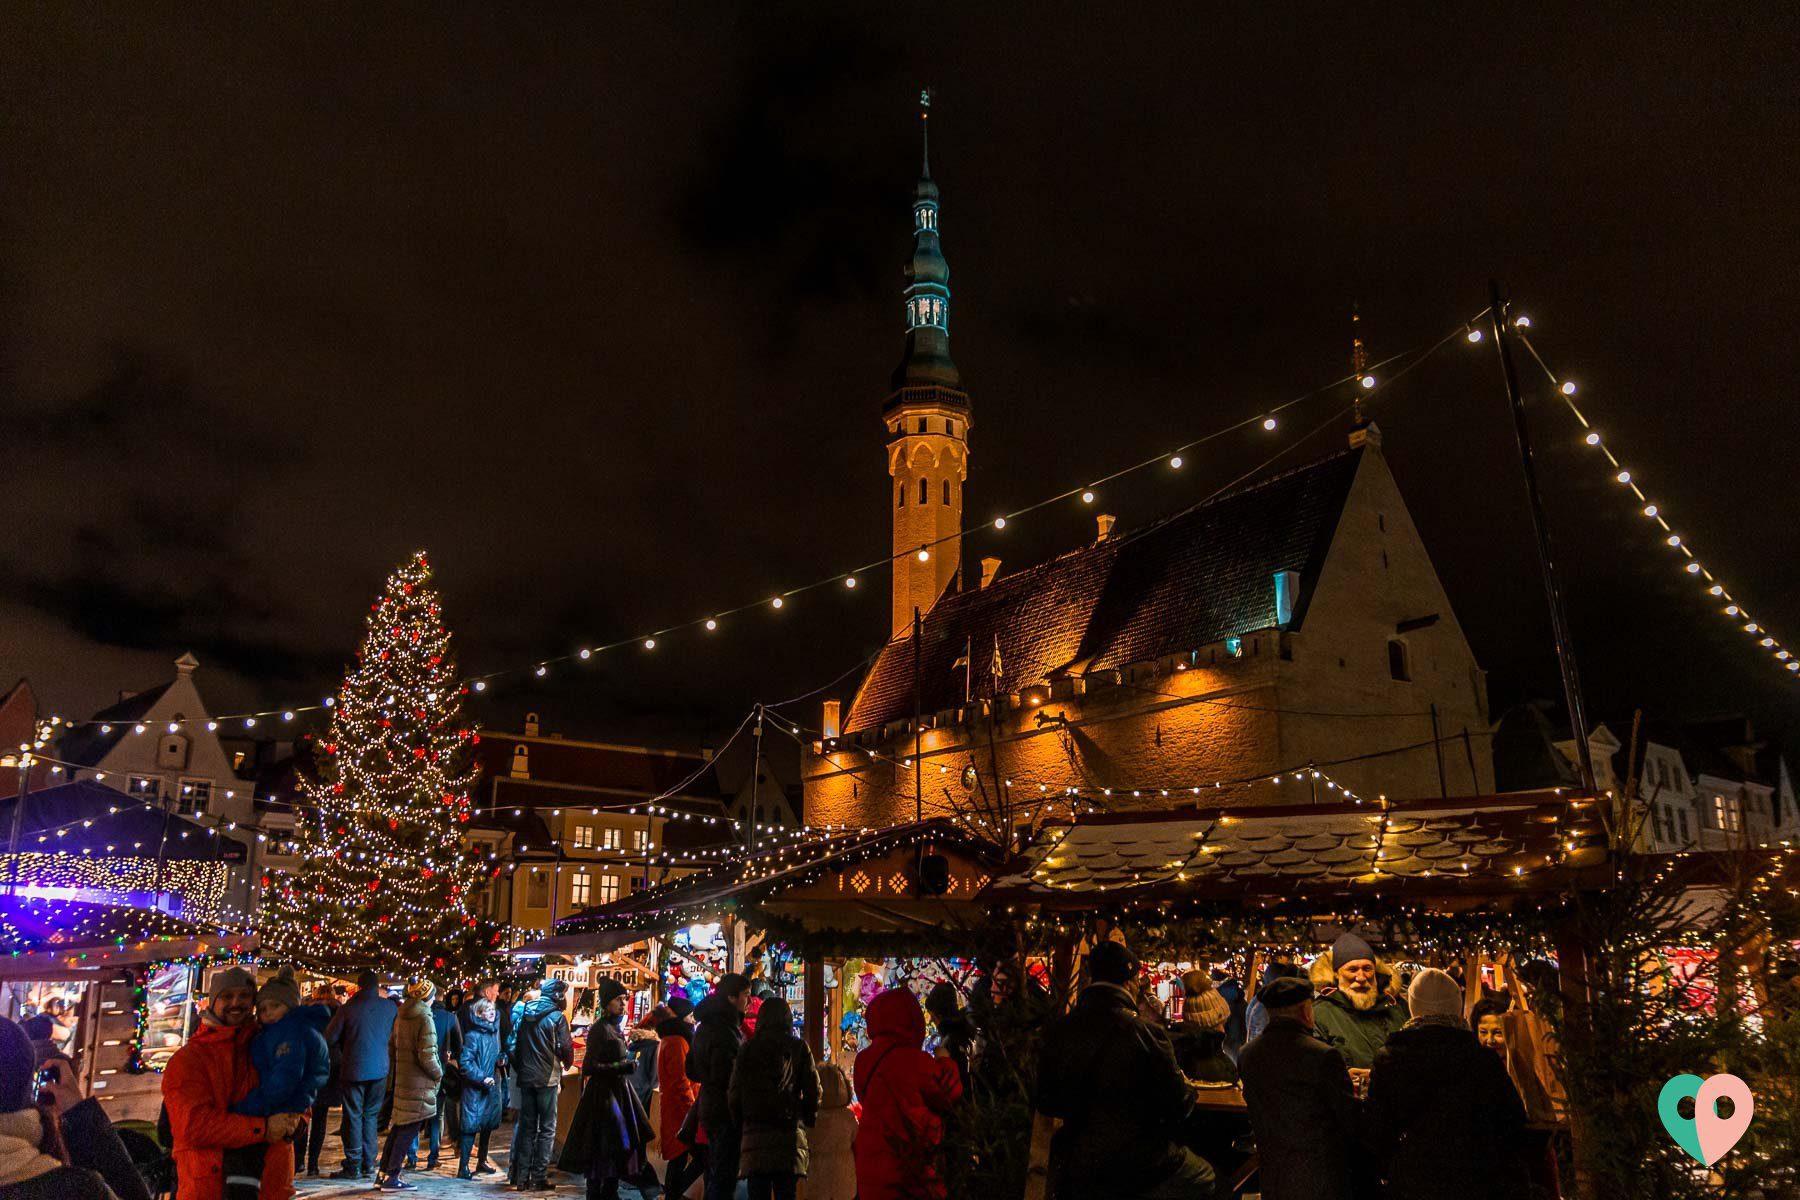 Weihnachtsmarkt Tallinn